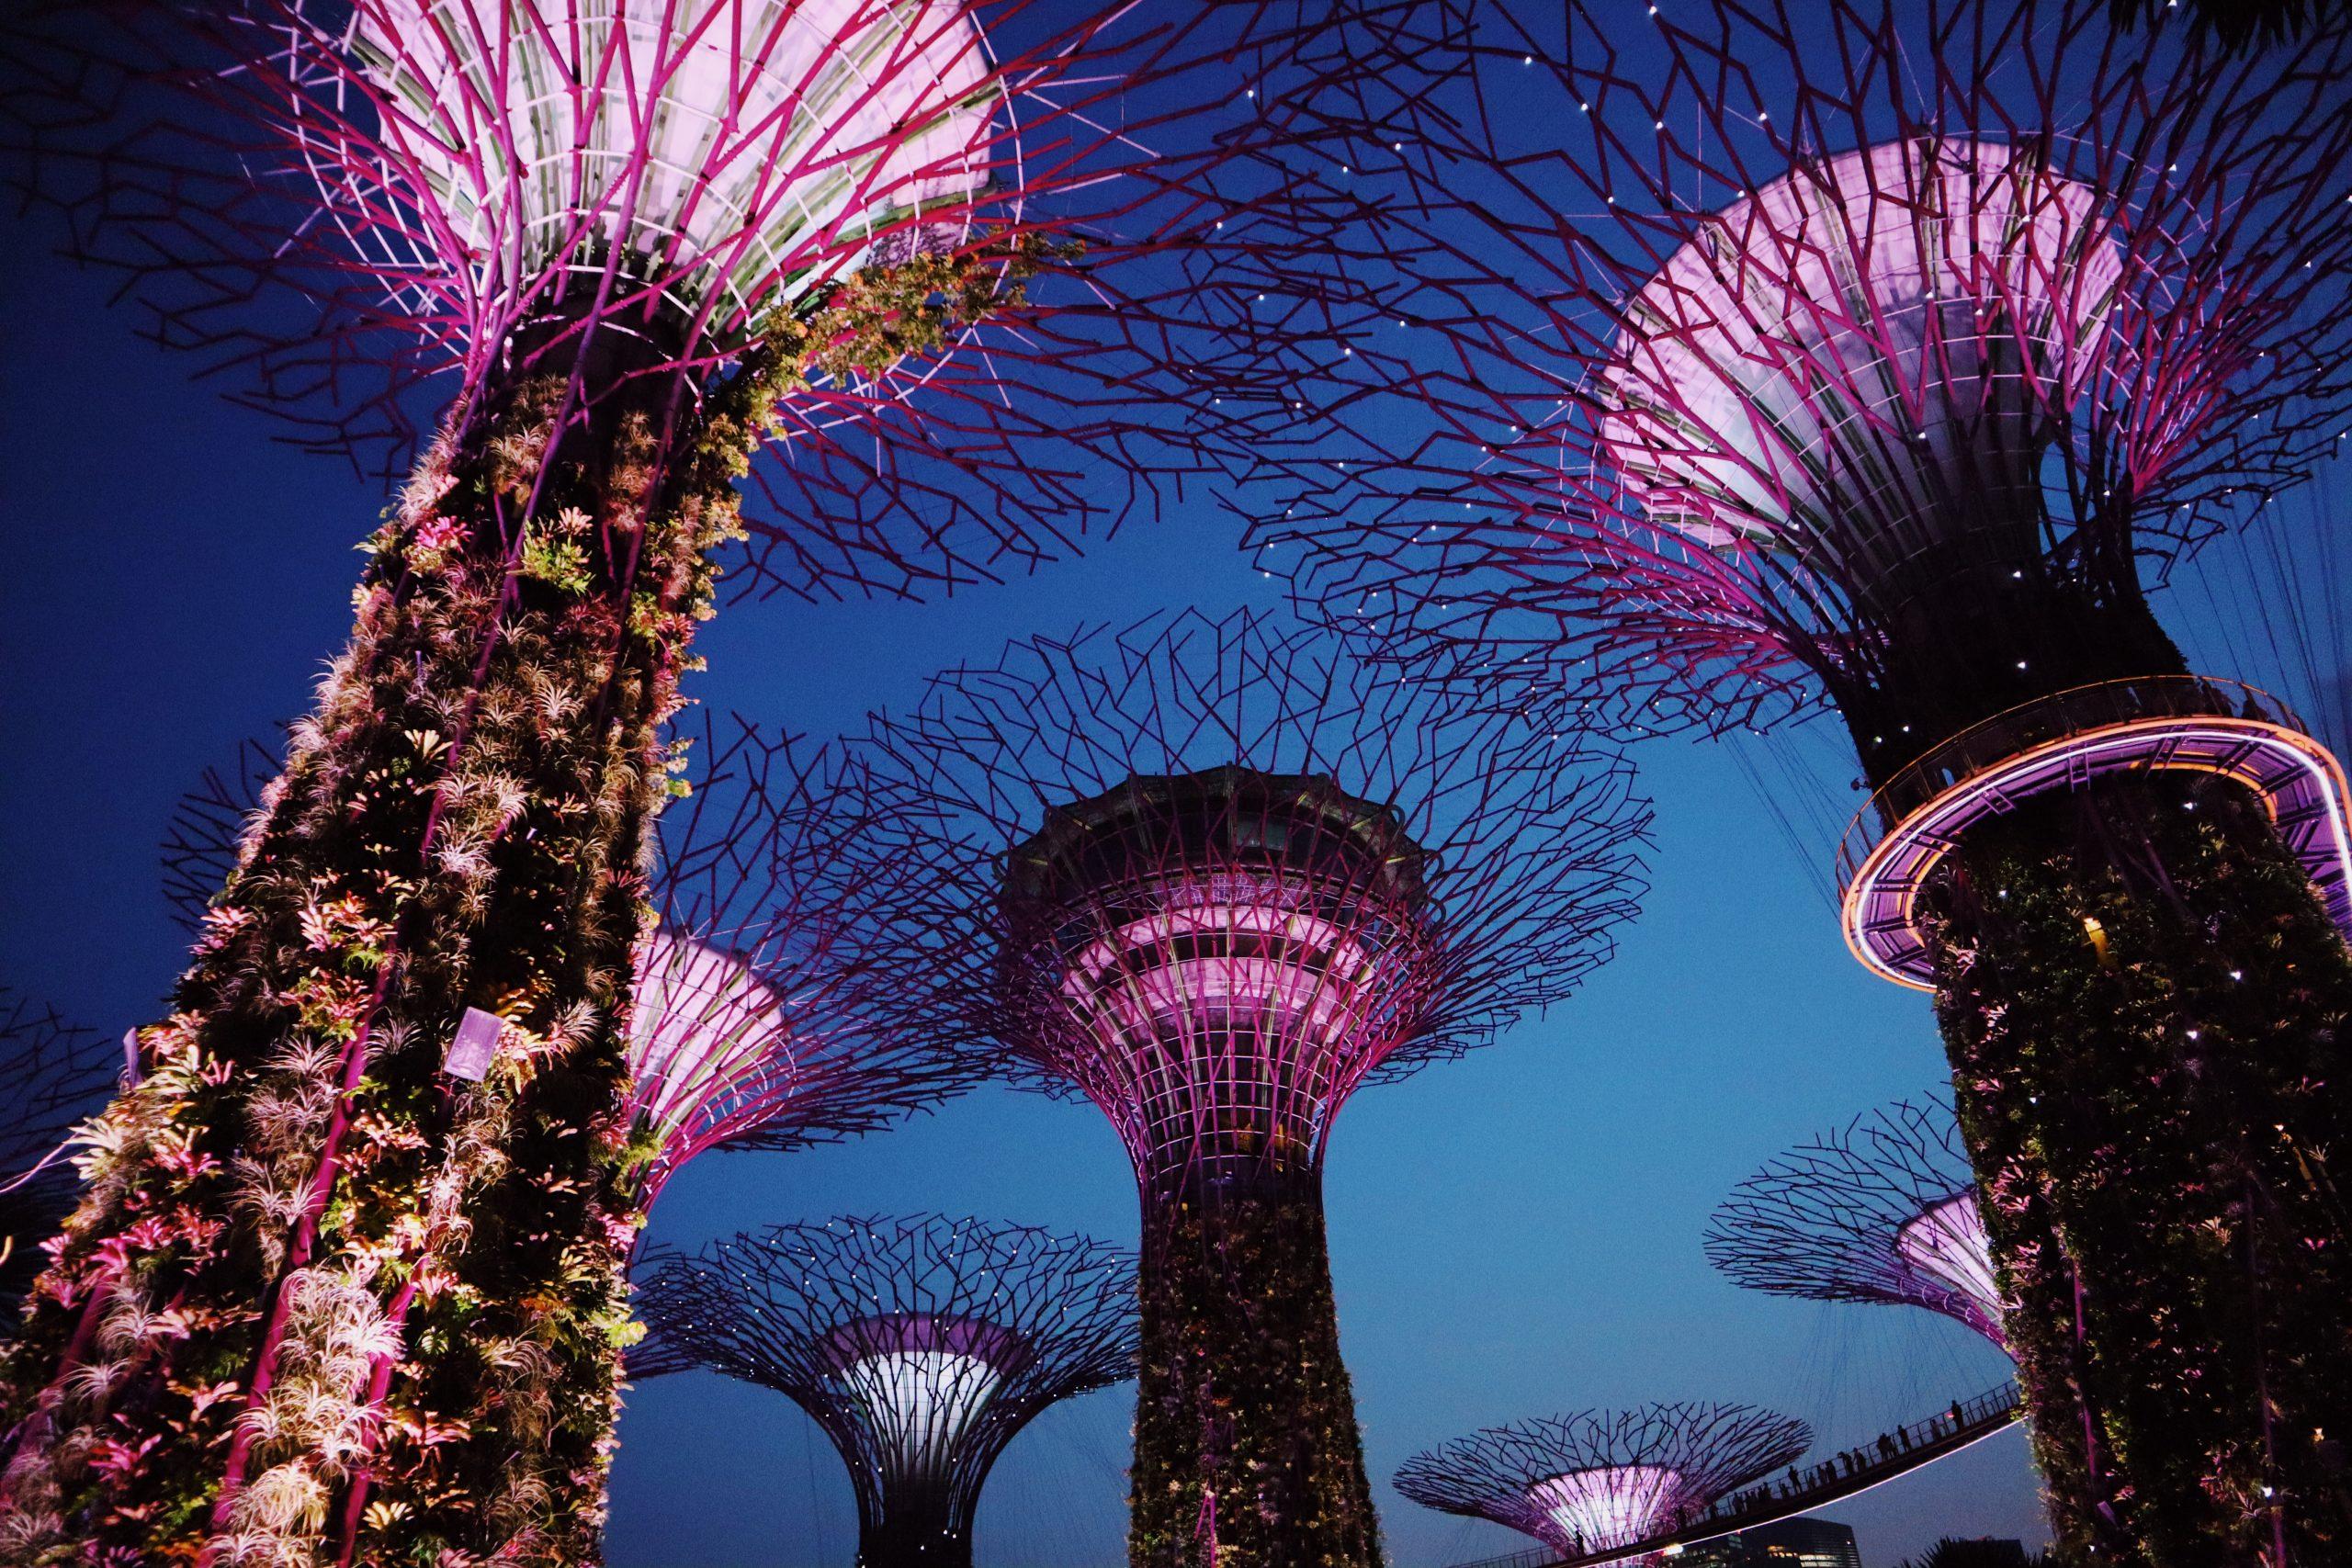 Corredores ecológicos urbanos que no conectan nada: Una visión crítica de Gardens by the Bay en Singapur